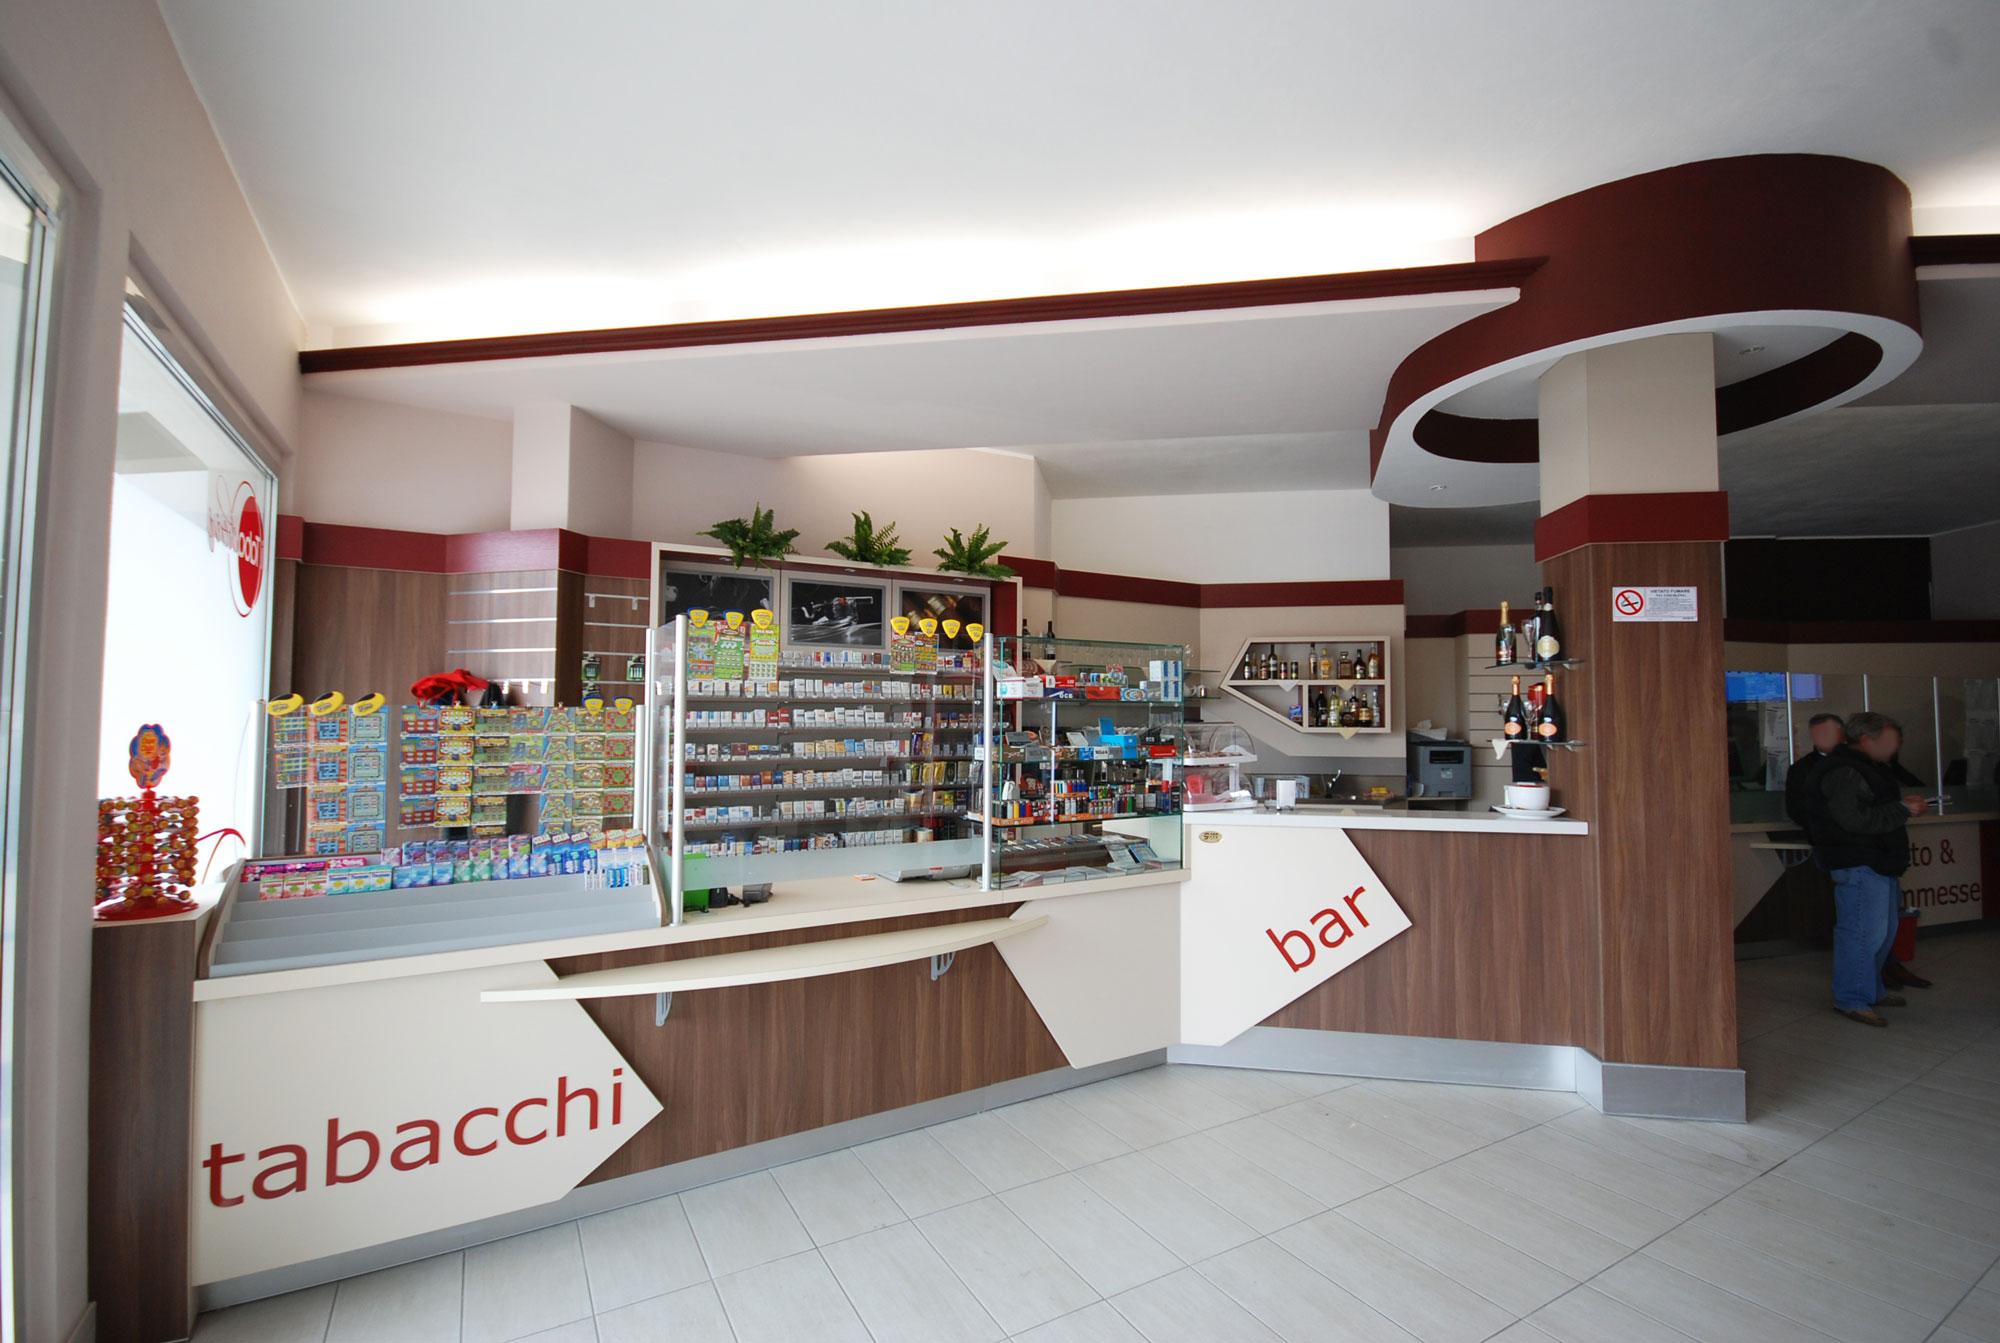 Arredamento contract per bar tabacchi a milano gm for Arredamenti per bar tabacchi